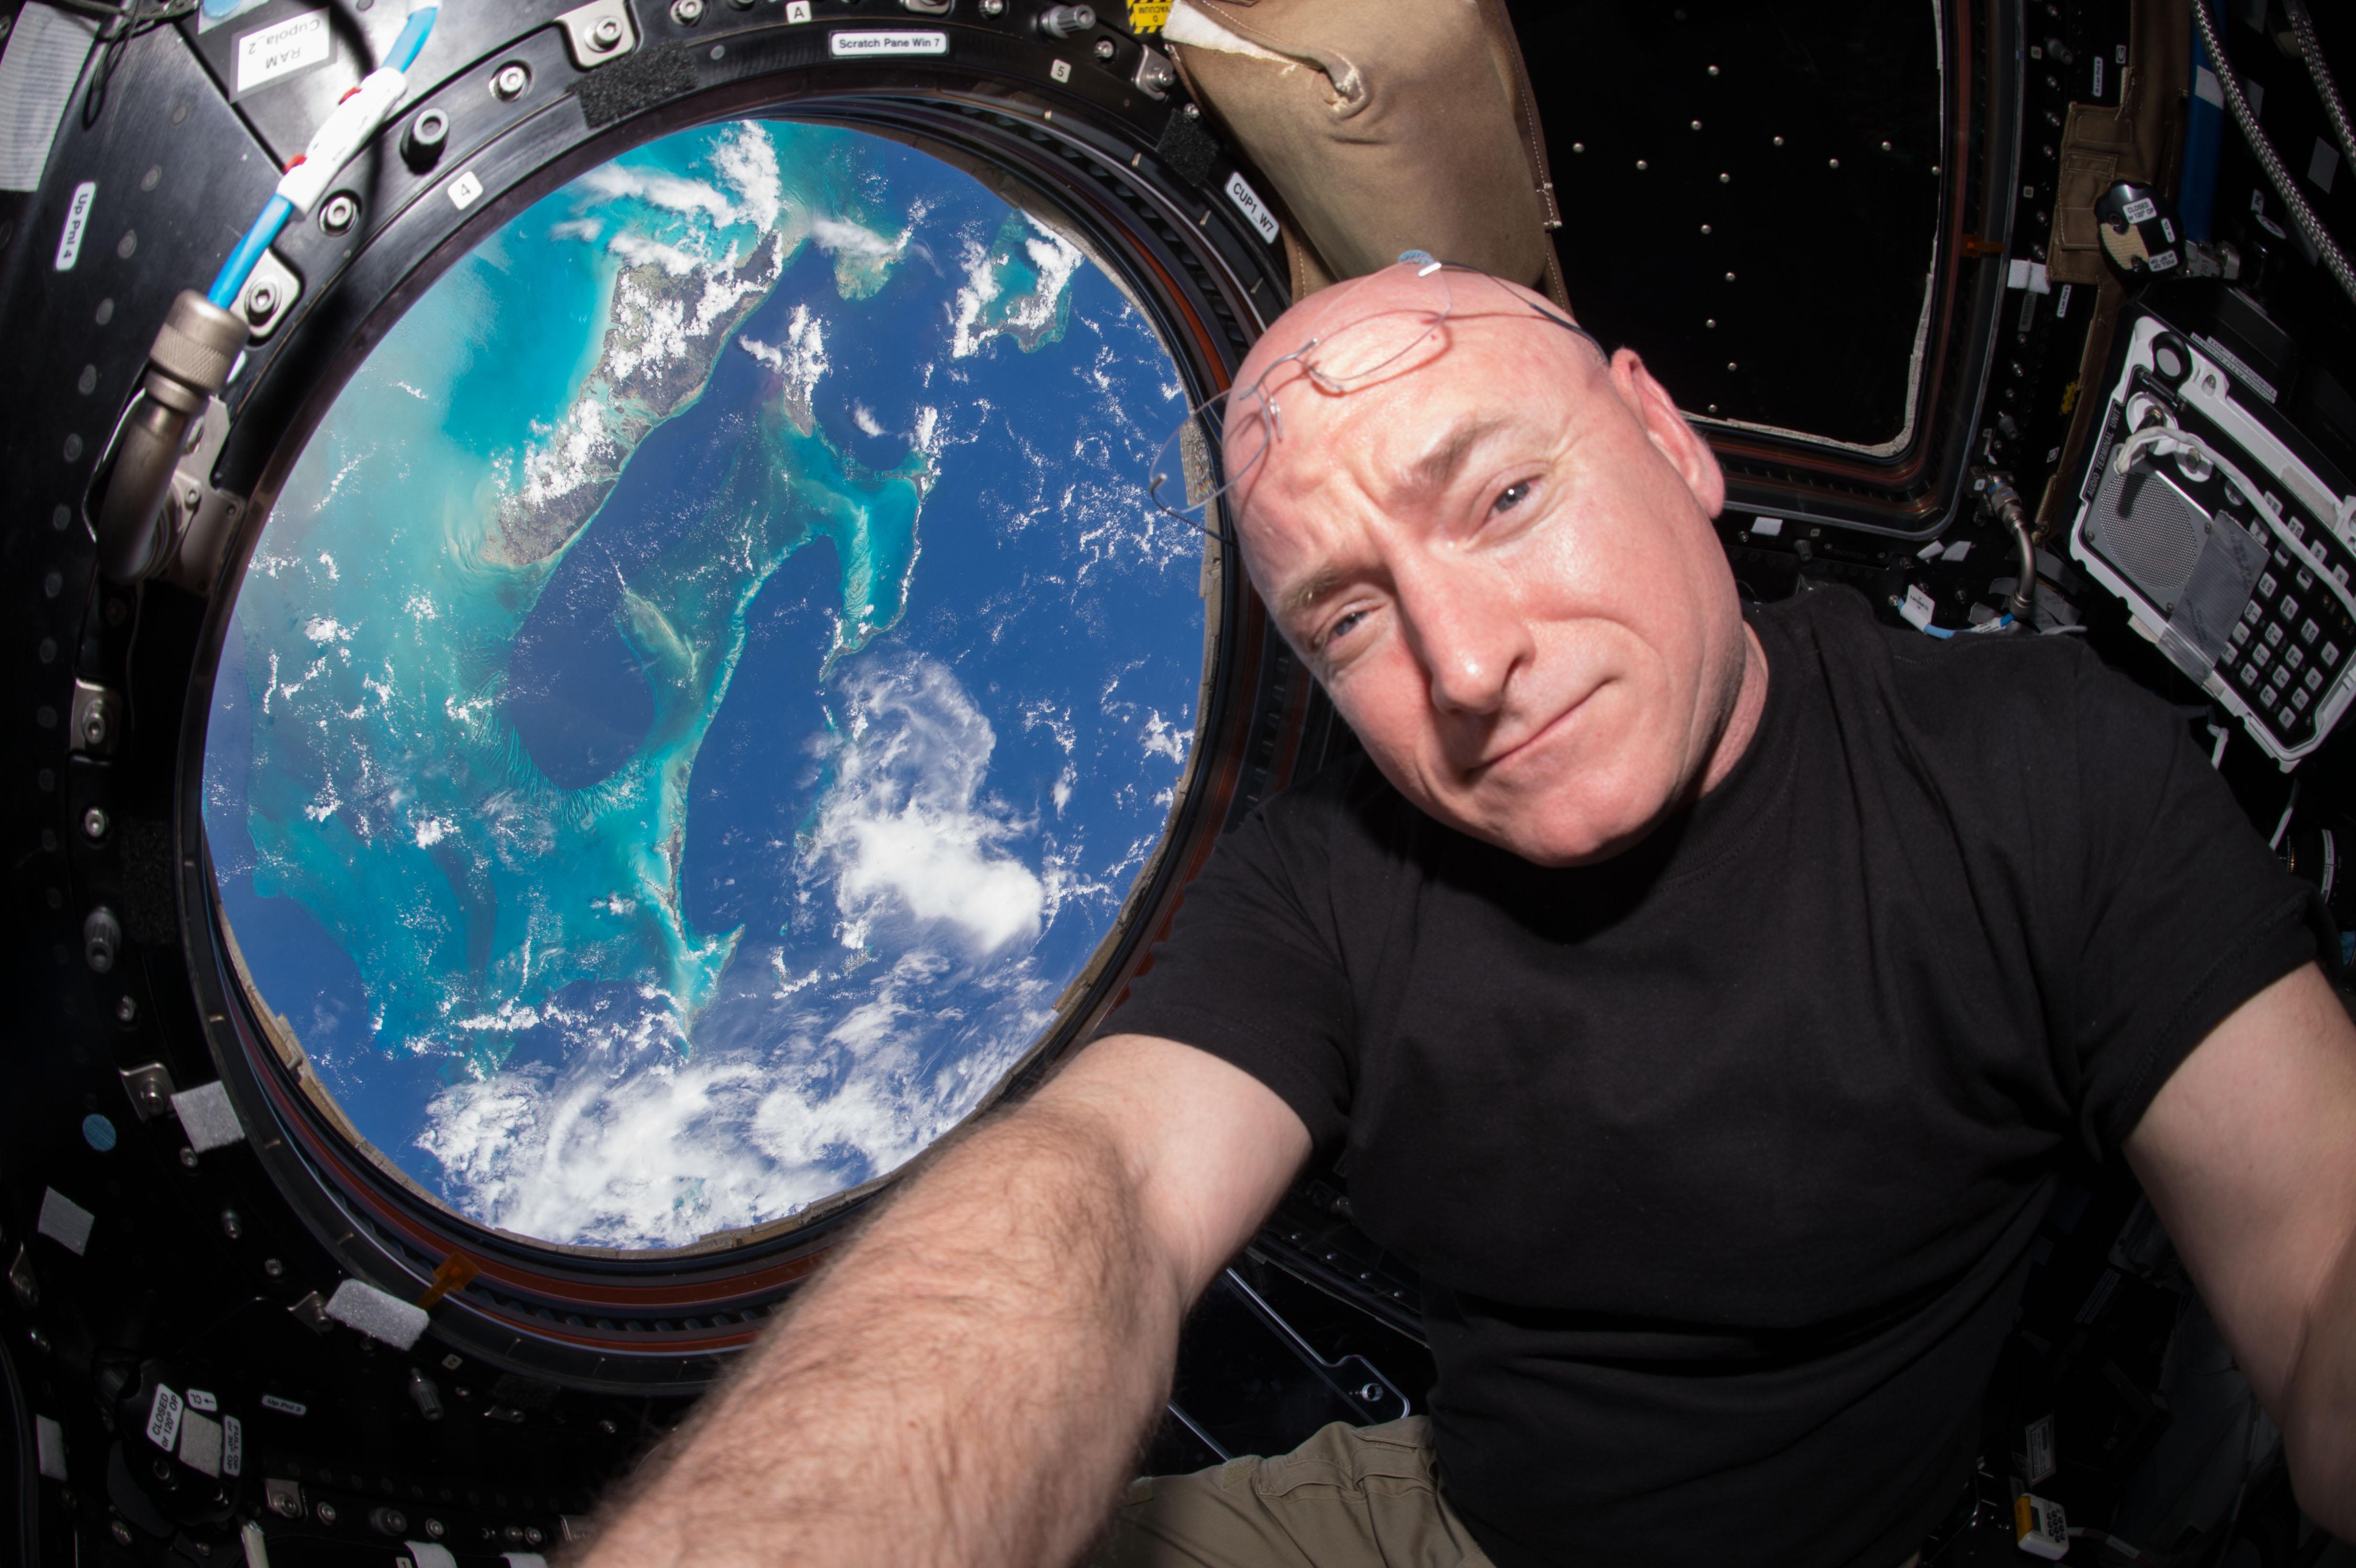 Scott Kelly il 12 luglio 2015 nel               modulo chiamato Cupola della Stazione Spaziale               Internazionale (ISS). La foto è stata scattata durante la Expedition 44,               la missione di lunga durata verso la ISS cominciata l'11               giugno 2015. Kelly è uno dei due membri               dell'equipaggio che ha passato un intero anno nello               spazio. Credit: NASA/Scott Kelly. Licenza: Public Domain.